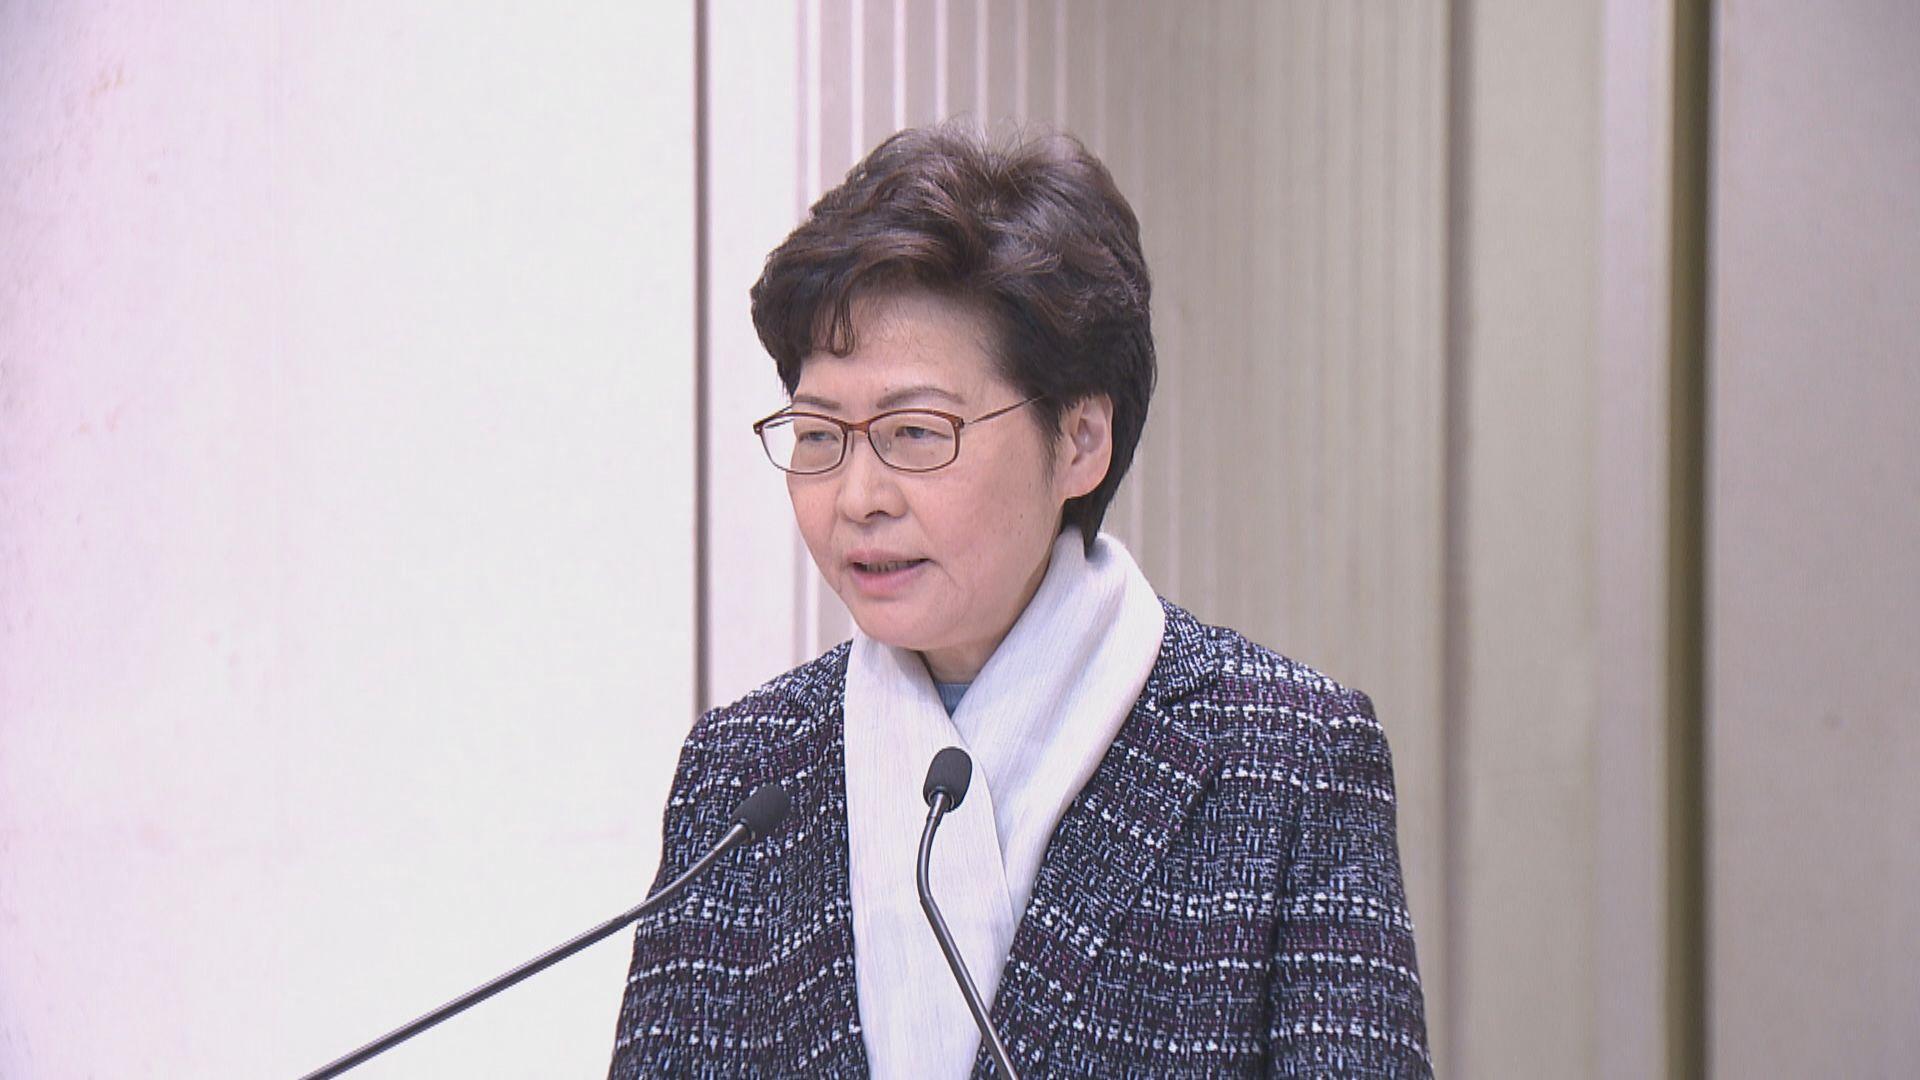 林鄭月娥歡迎夏寶龍兼任港澳辦主任 聲明未及提張曉明